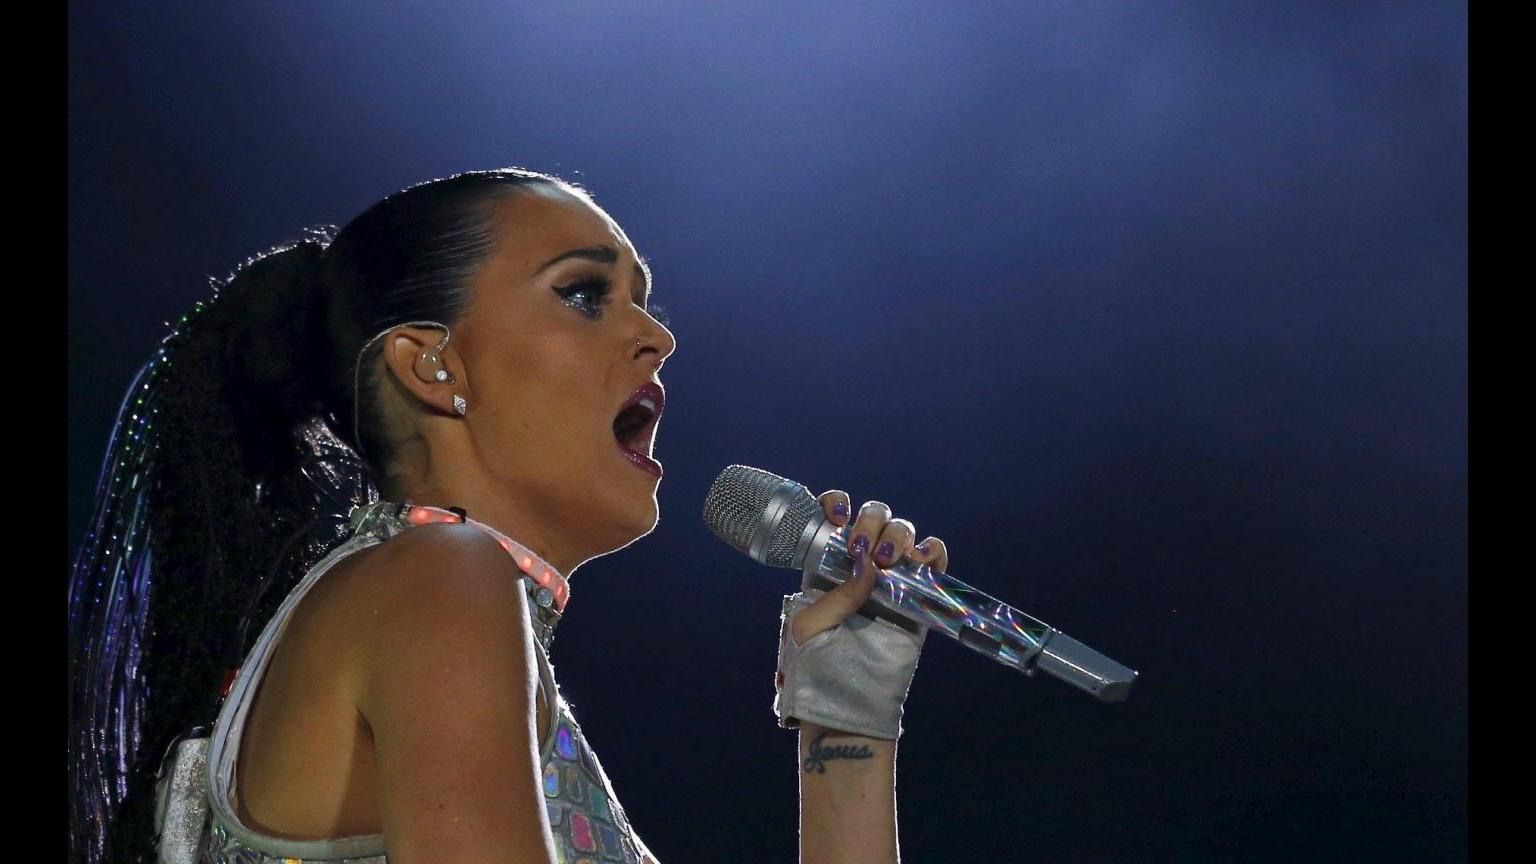 I segreti di Katy Perry: Amare me stessa e profumare di buono